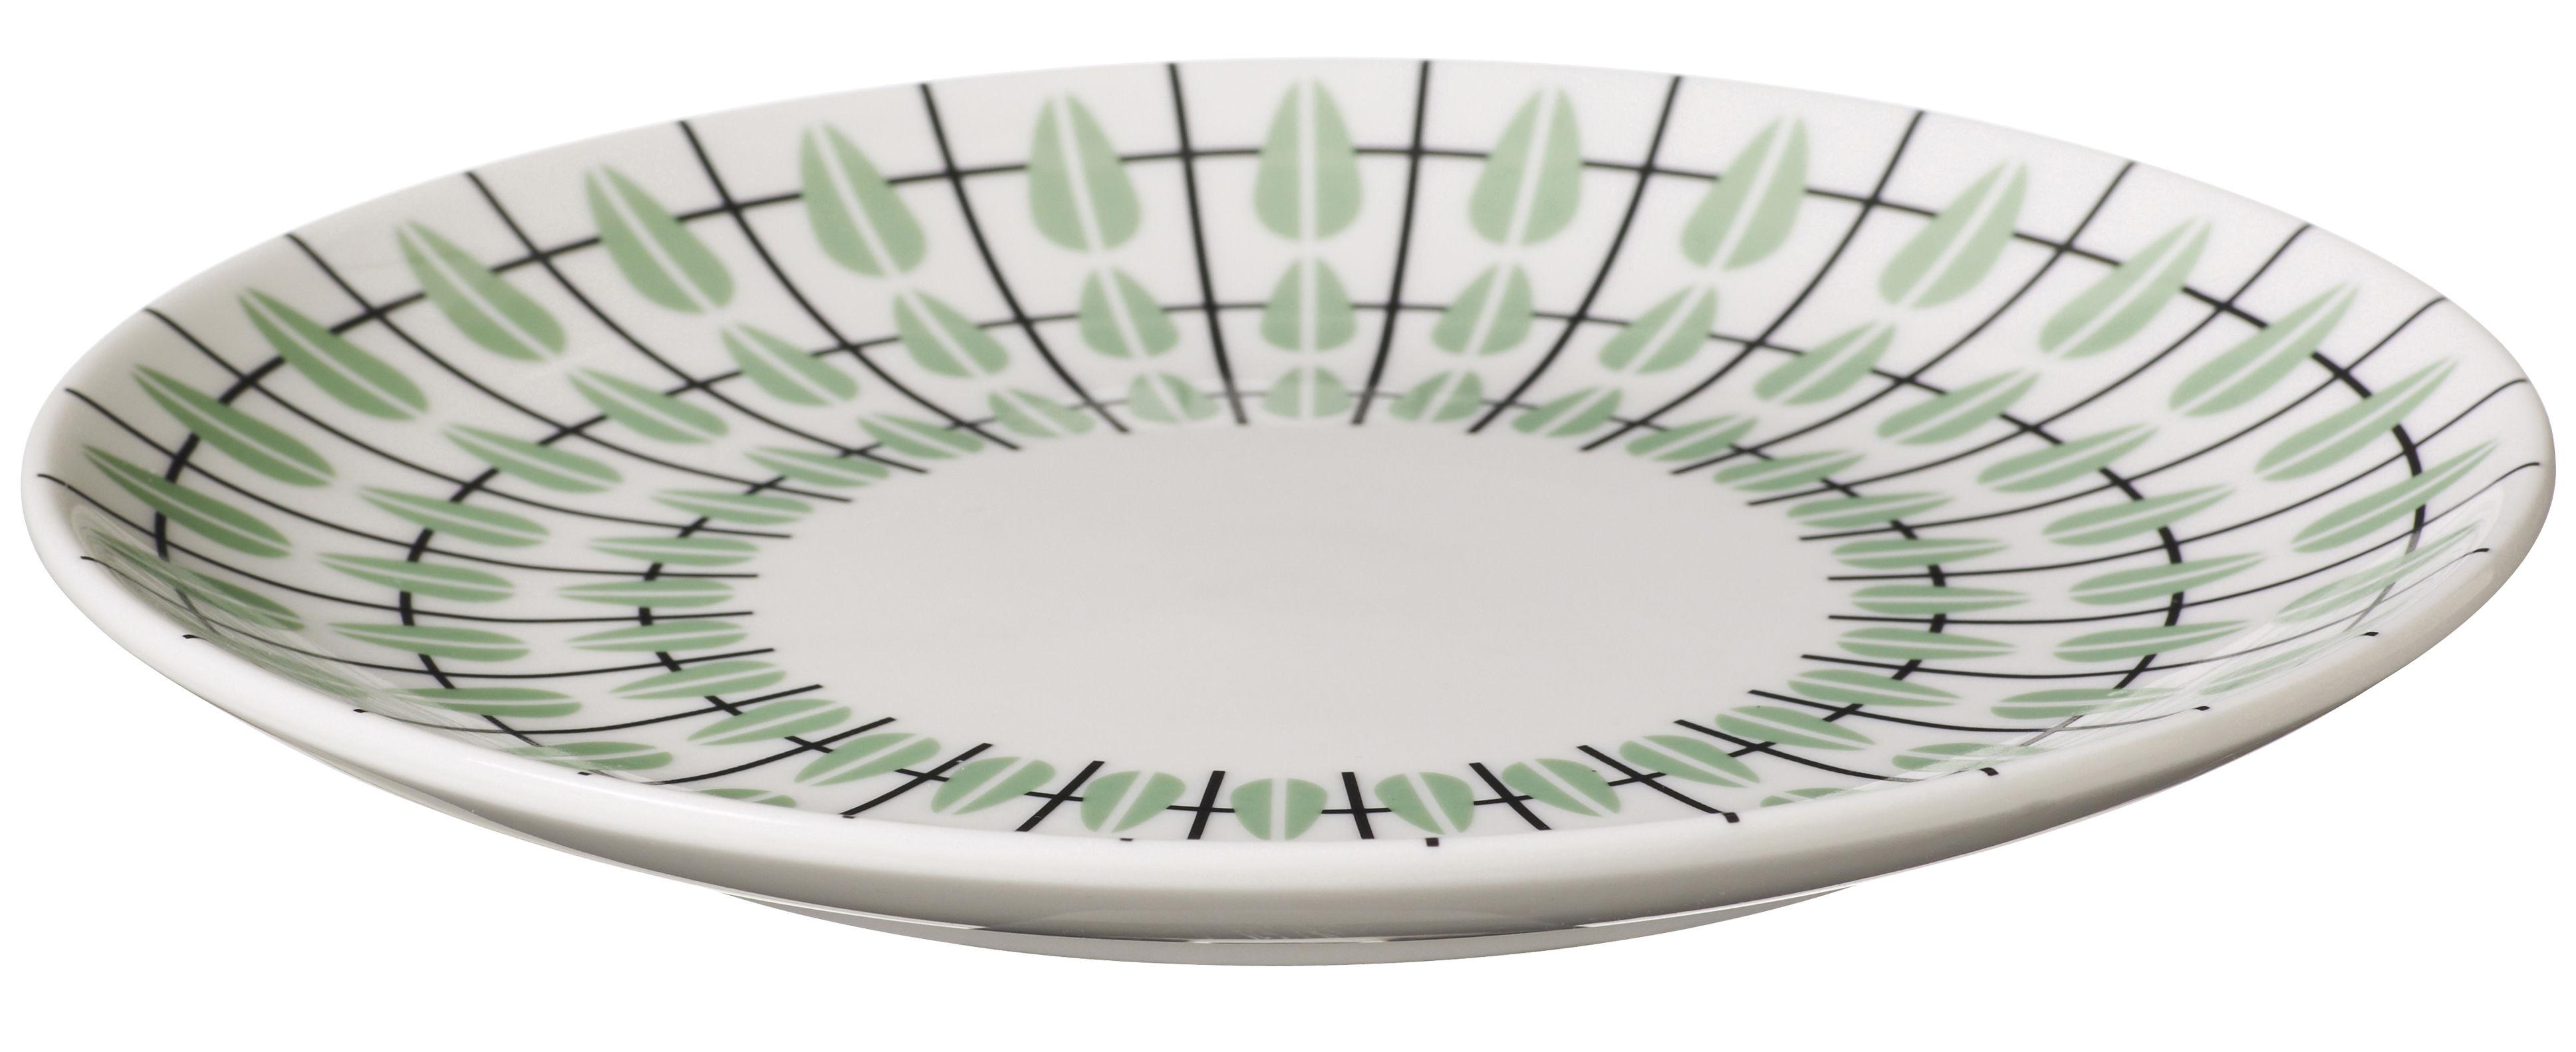 Arts de la table - Assiettes - Assiette à dessert Olivia / Ø 20 cm - Super Living - Blanc / Décor vert menthe - Porcelaine émaillée